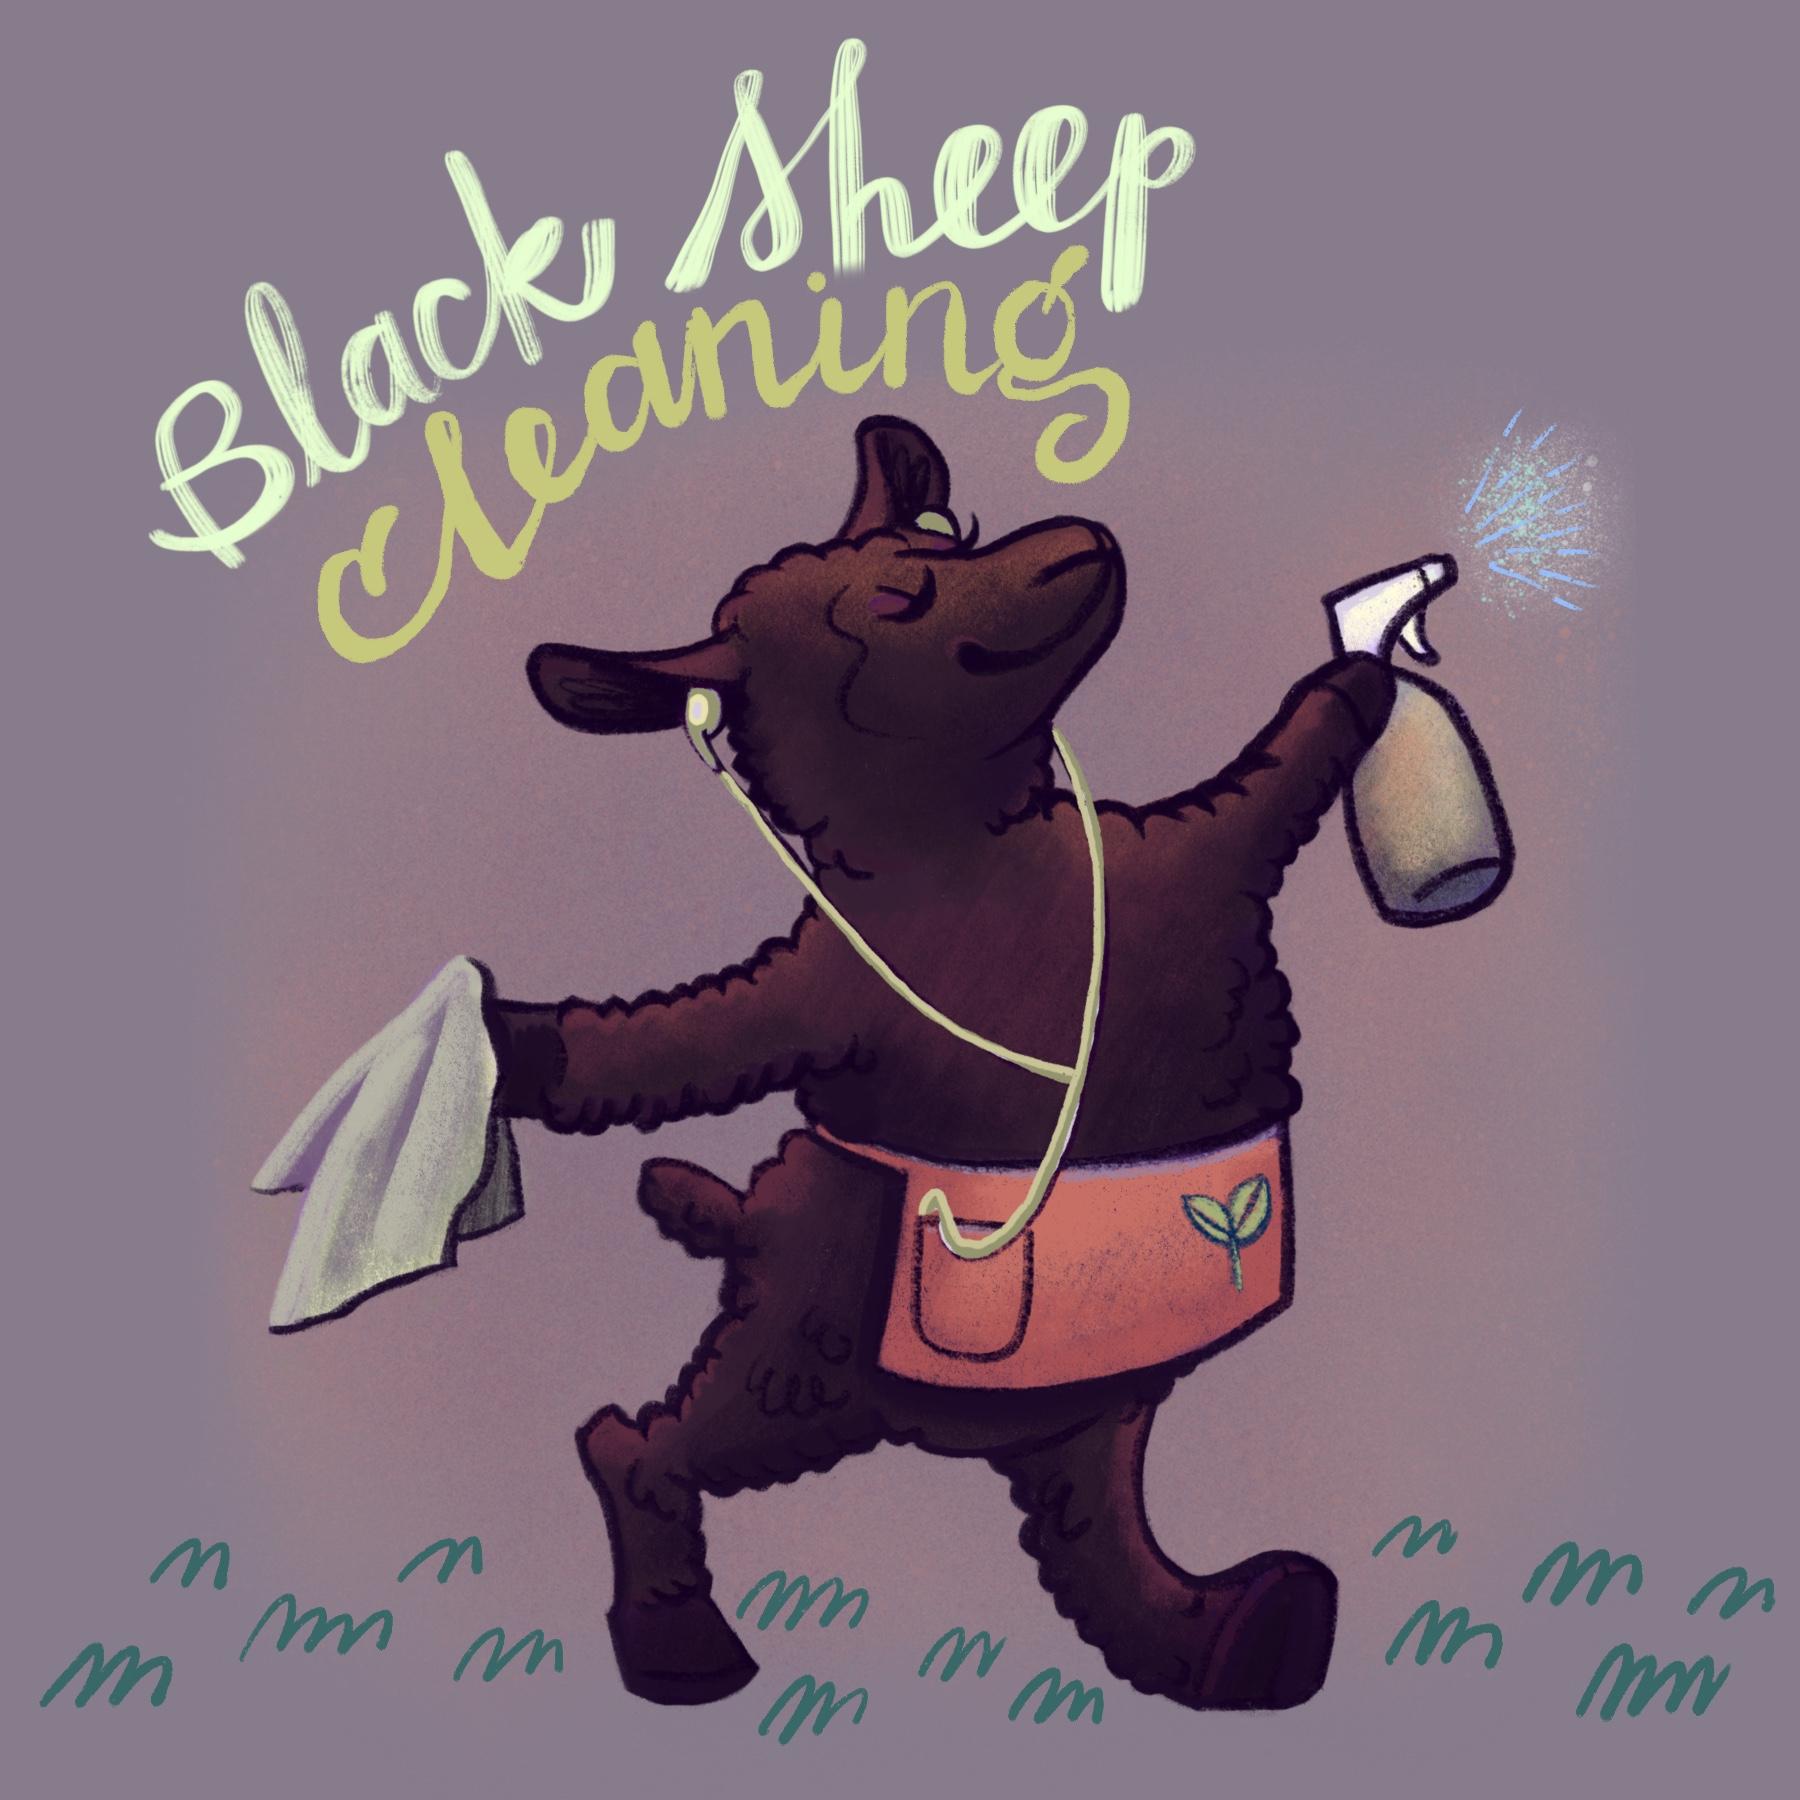 Black Sheep Cleaner